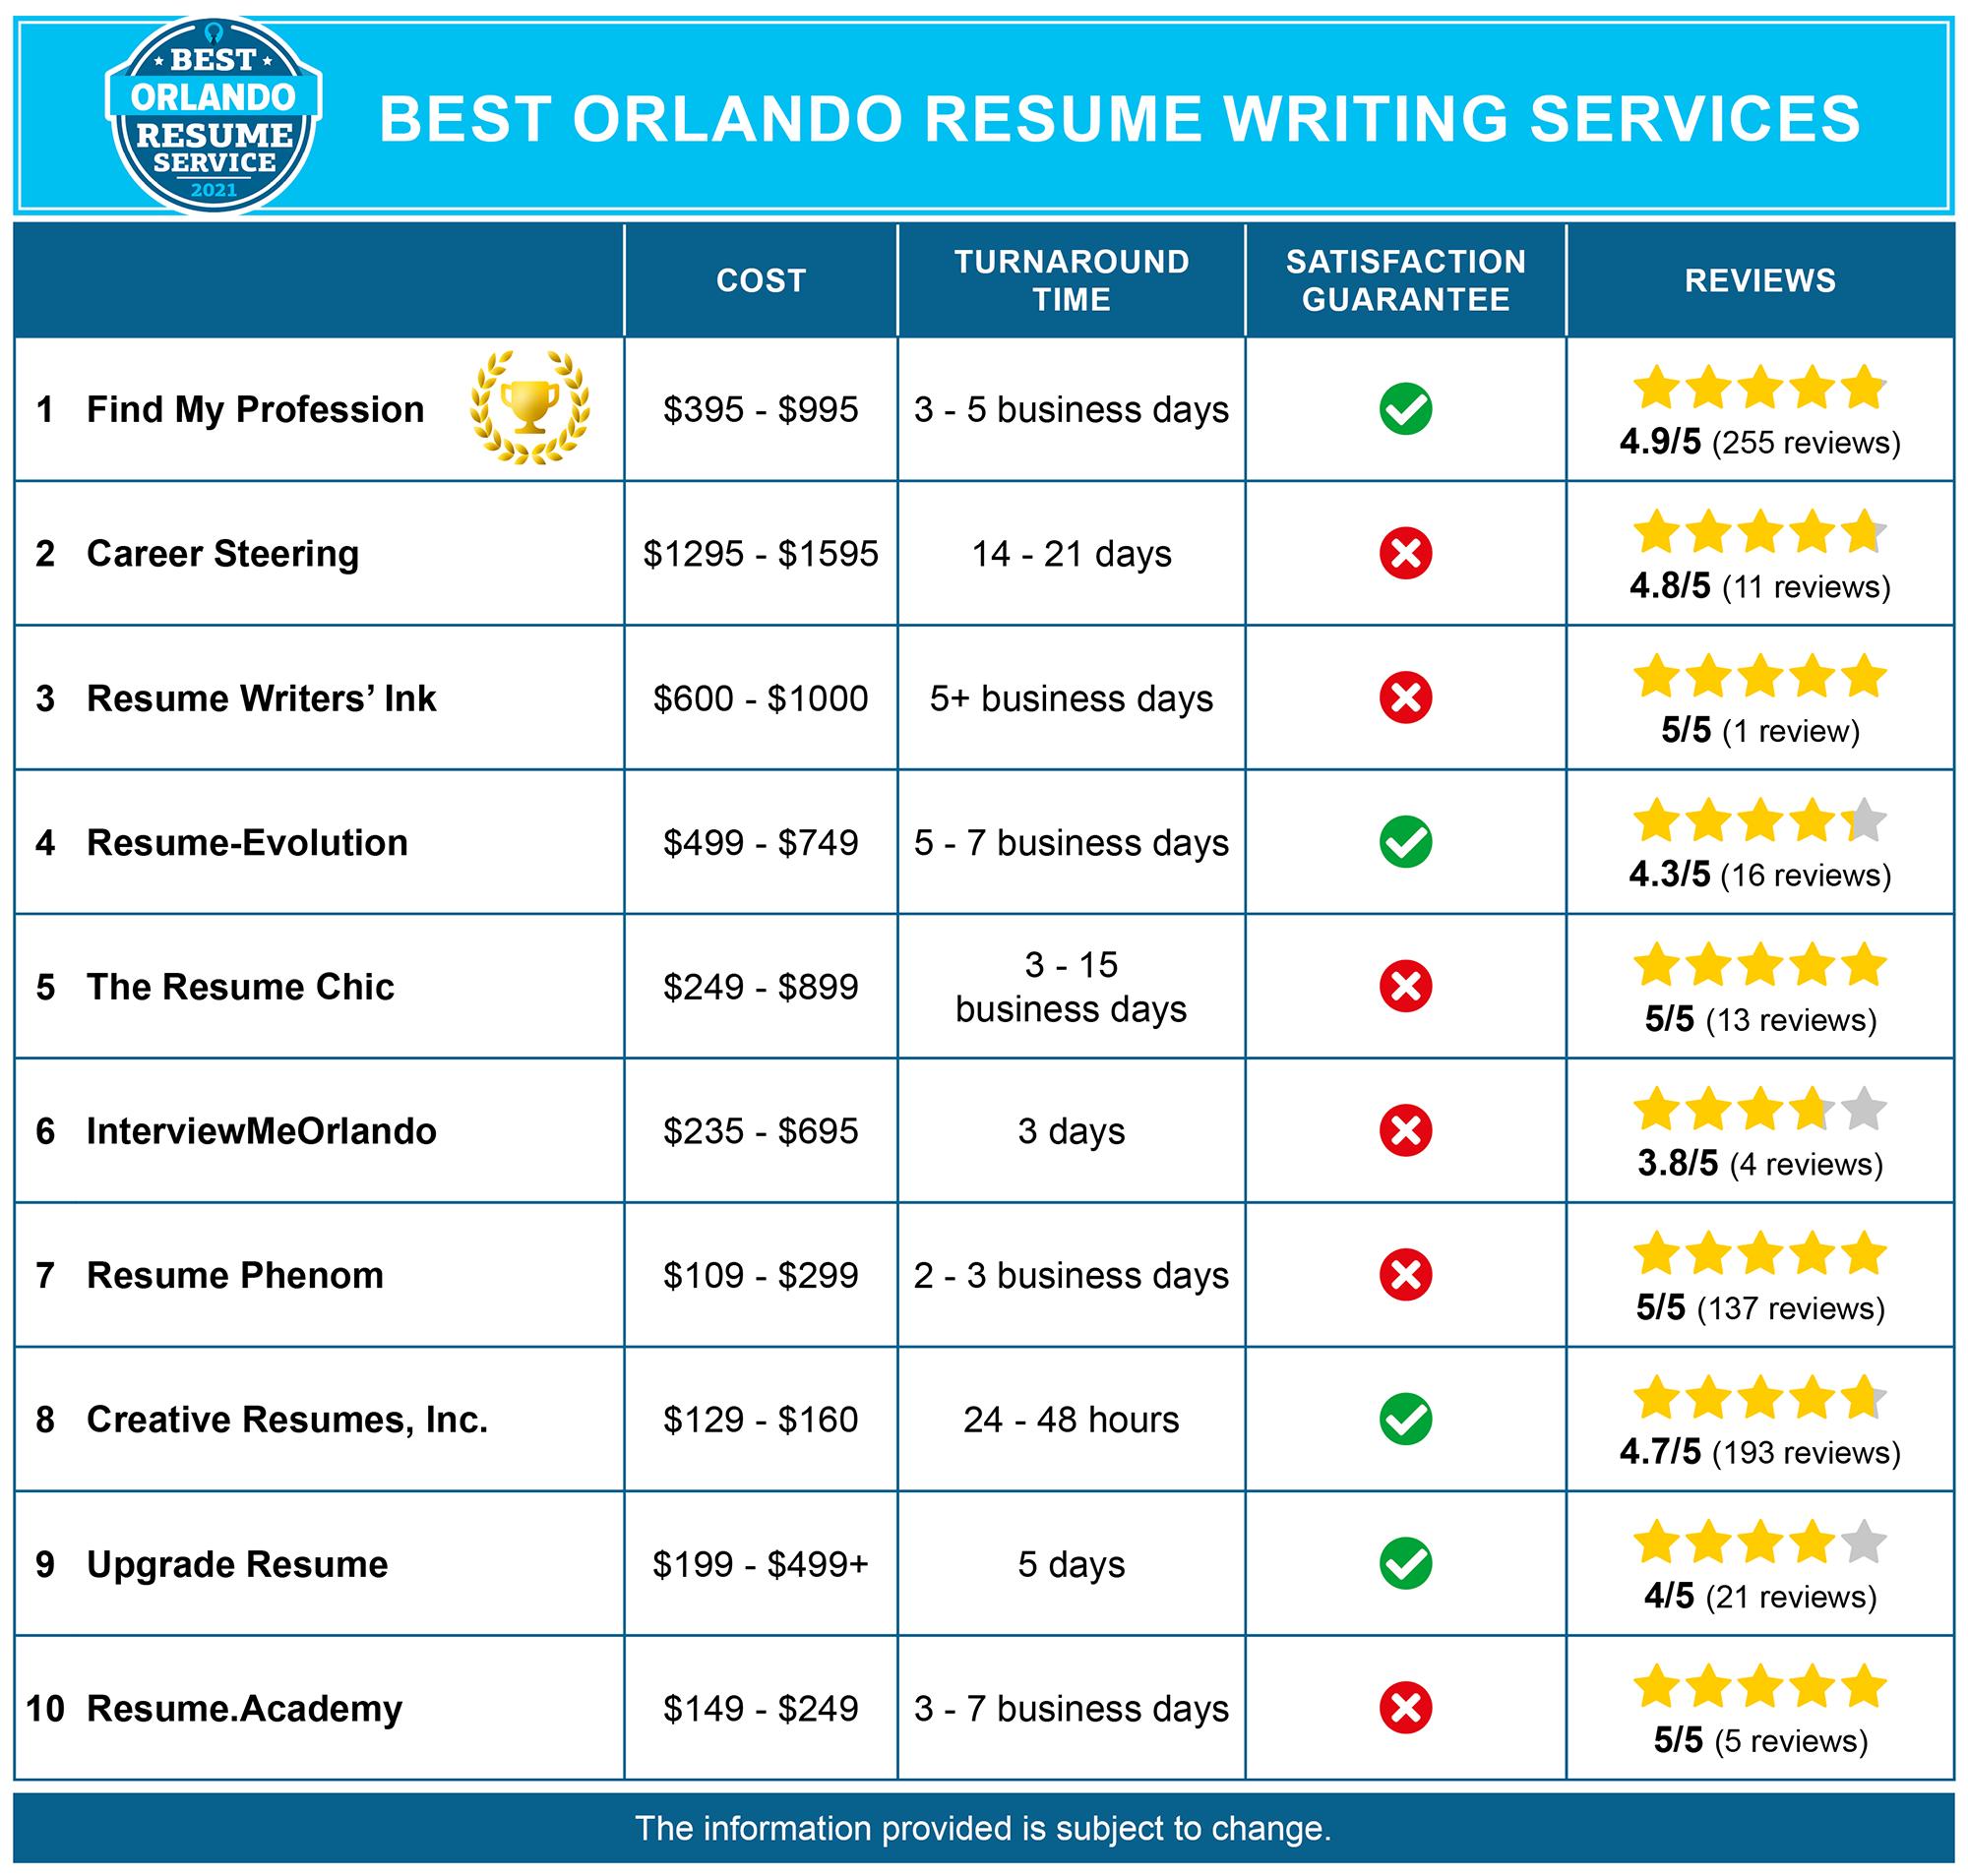 Best Orlando Resume Services